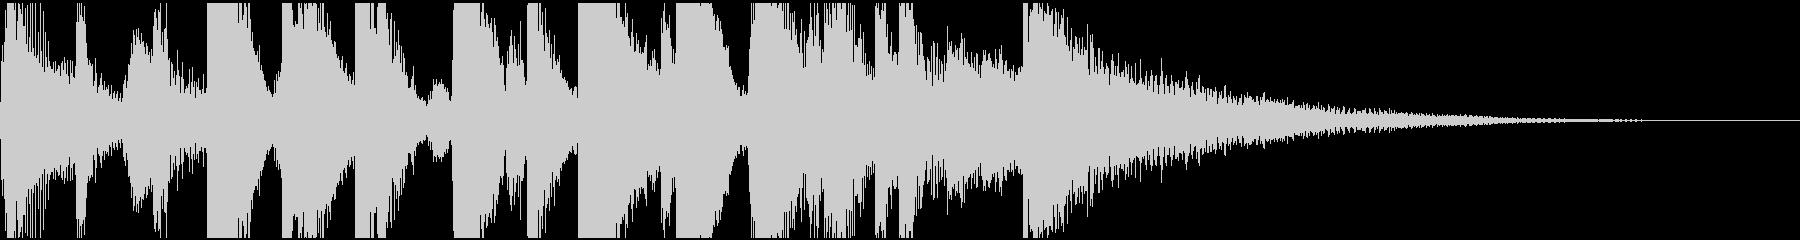 シンプルなピアノジャズバンドのジングルの未再生の波形